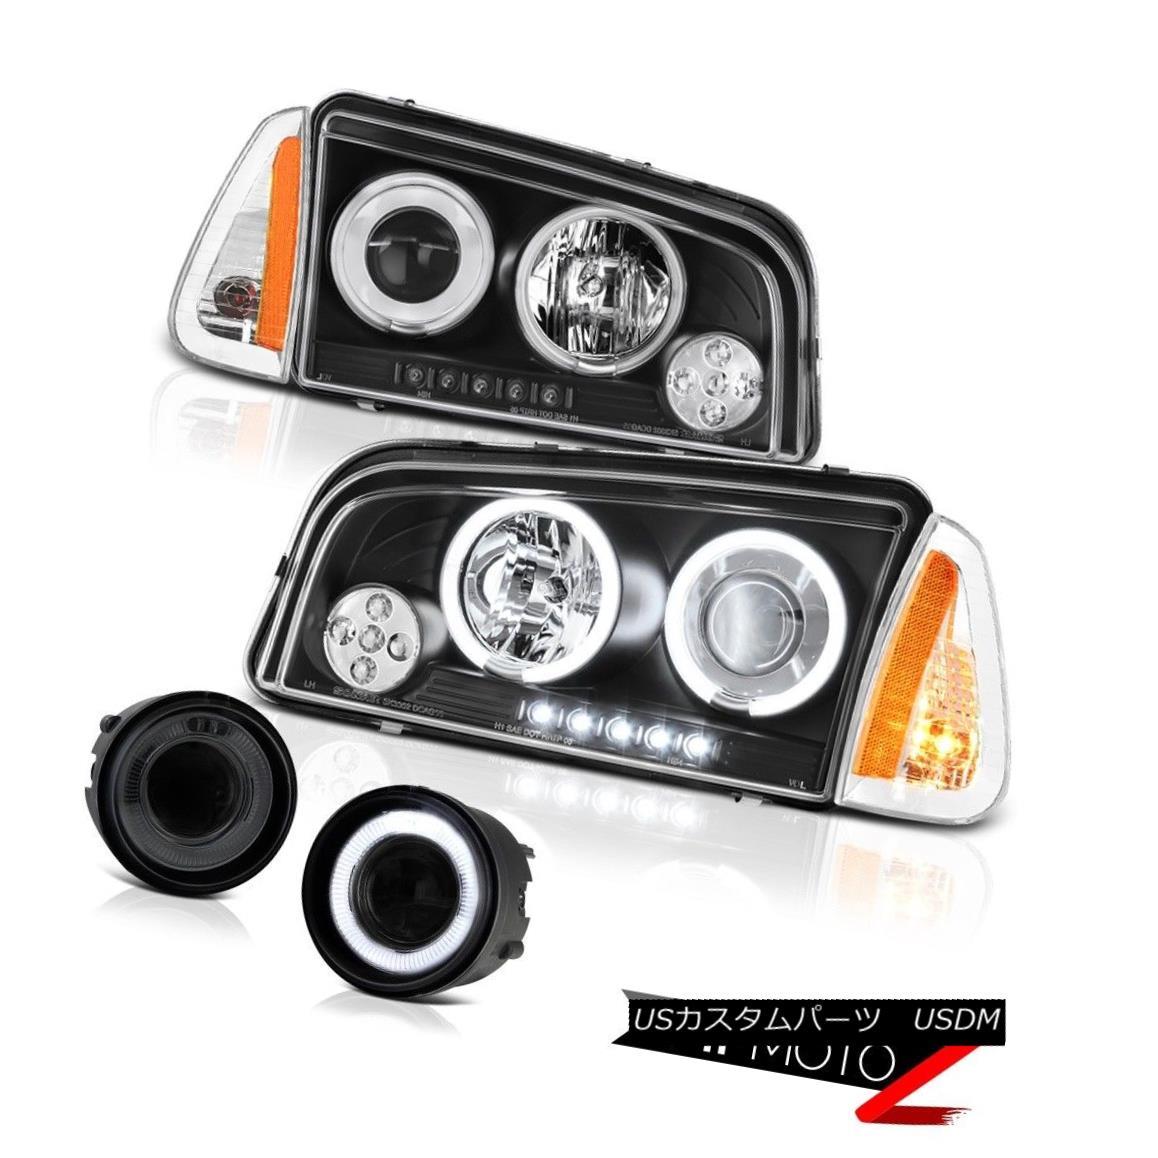 ヘッドライト 06-08 Dodge Charger SXT Fog lamps parking lamp inky black projector headlights 06-08ダッジチャージャーSXTフォグランプパーキングランプインキーブラックプロジェクターヘッドライト